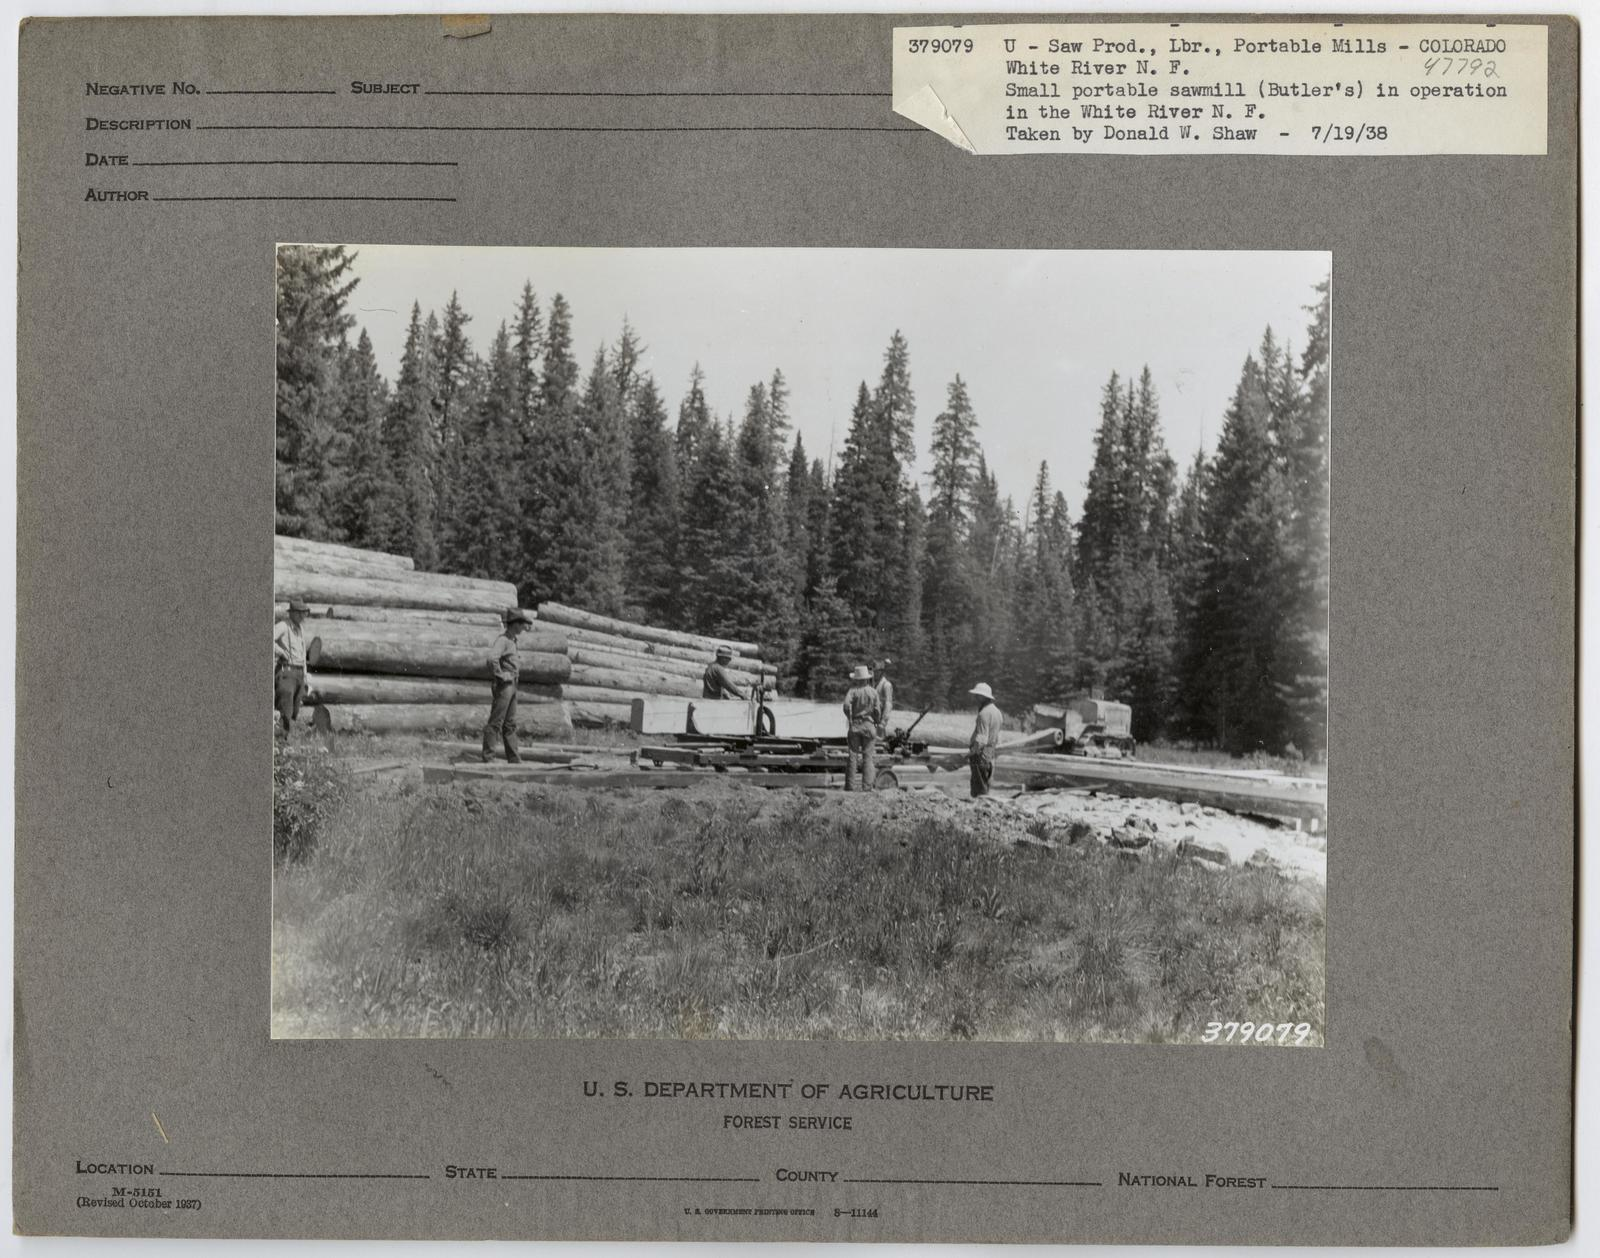 Large Sawmills - Colorado